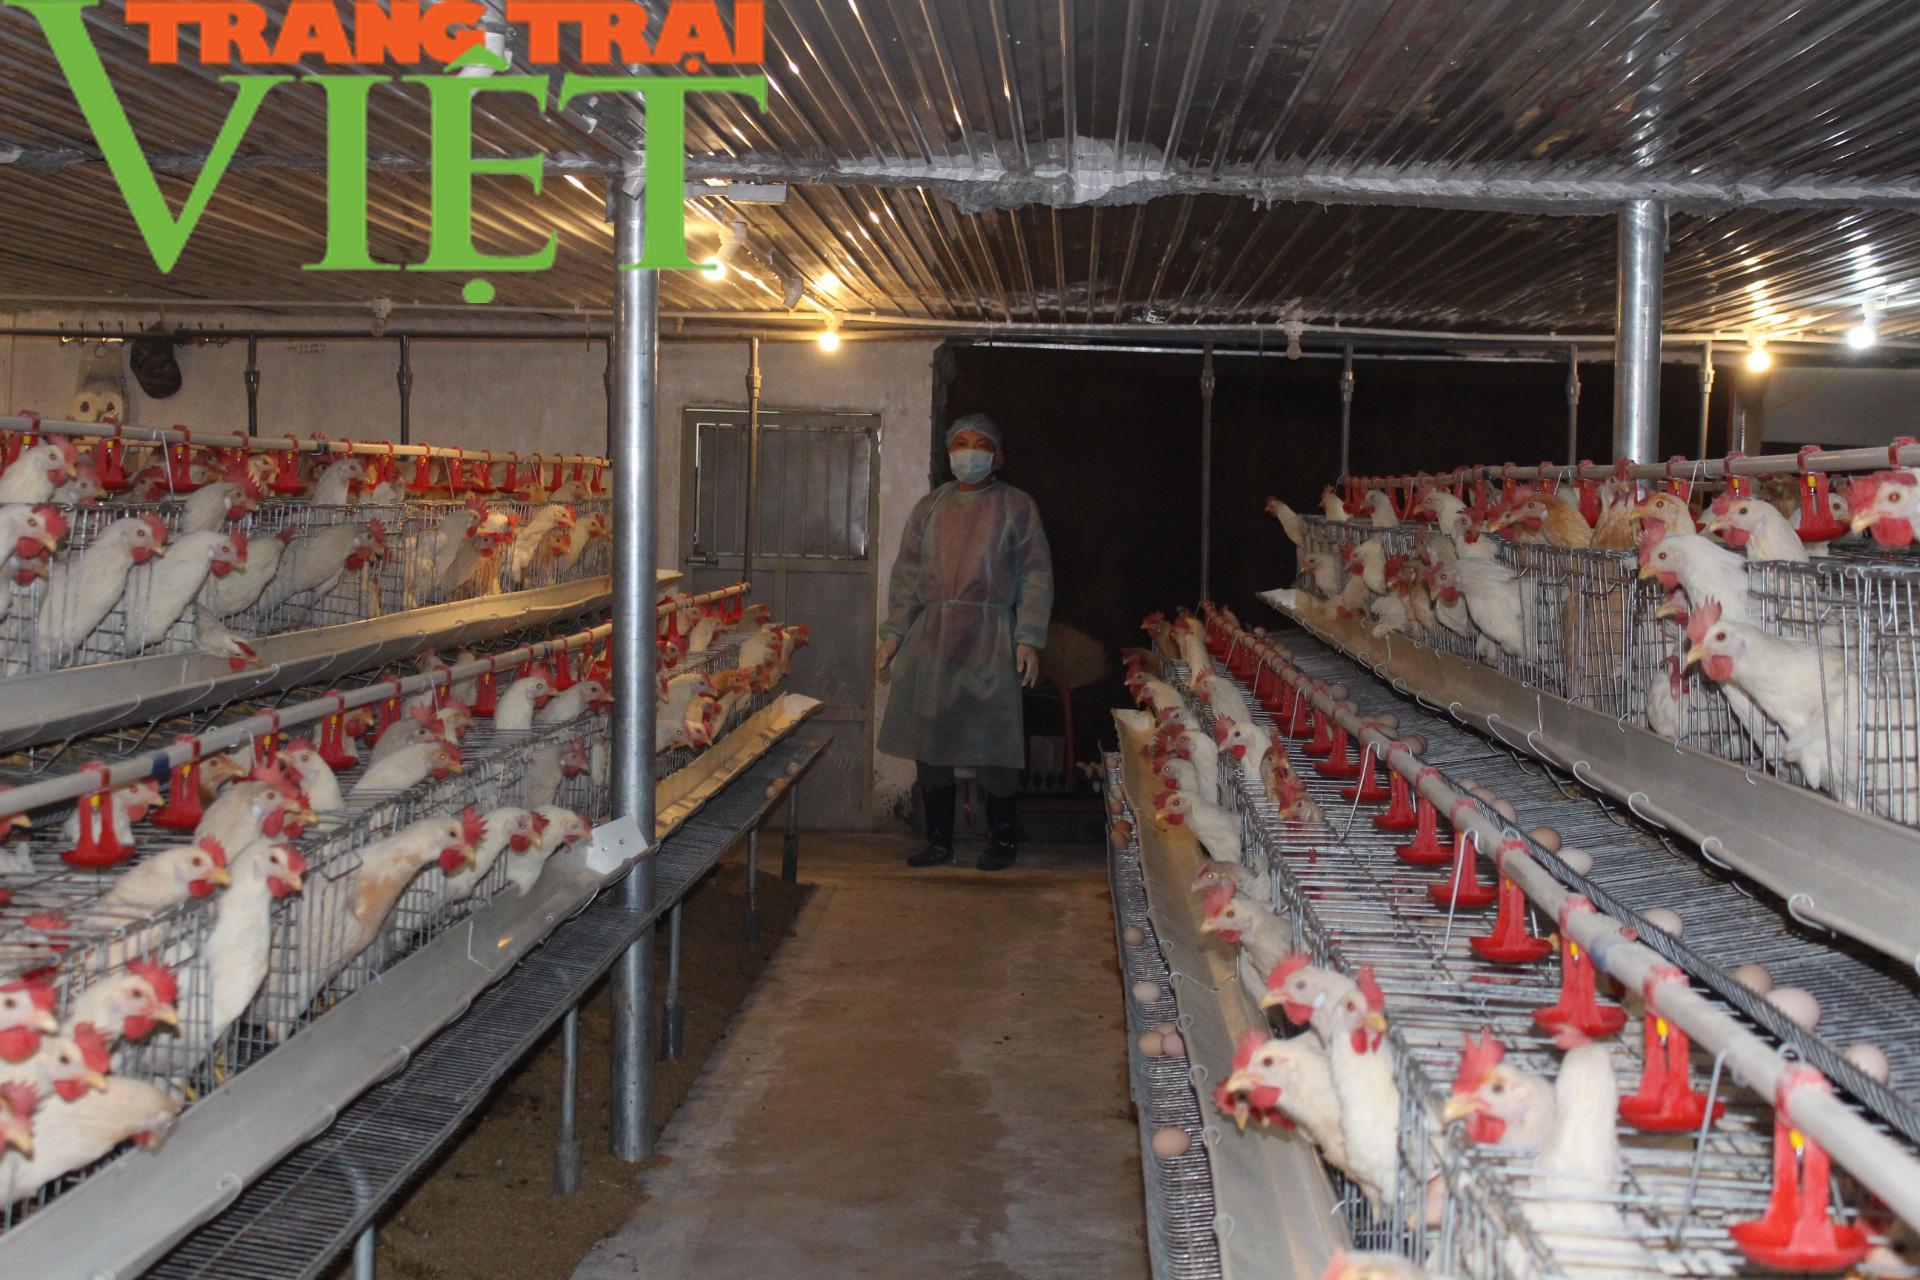 Cả làng khốn đốn vì nuôi gà, vịt, mà mình hộ ông Phúc nuôi gà kiểu này vẫn có lãi đều đều - Ảnh 1.